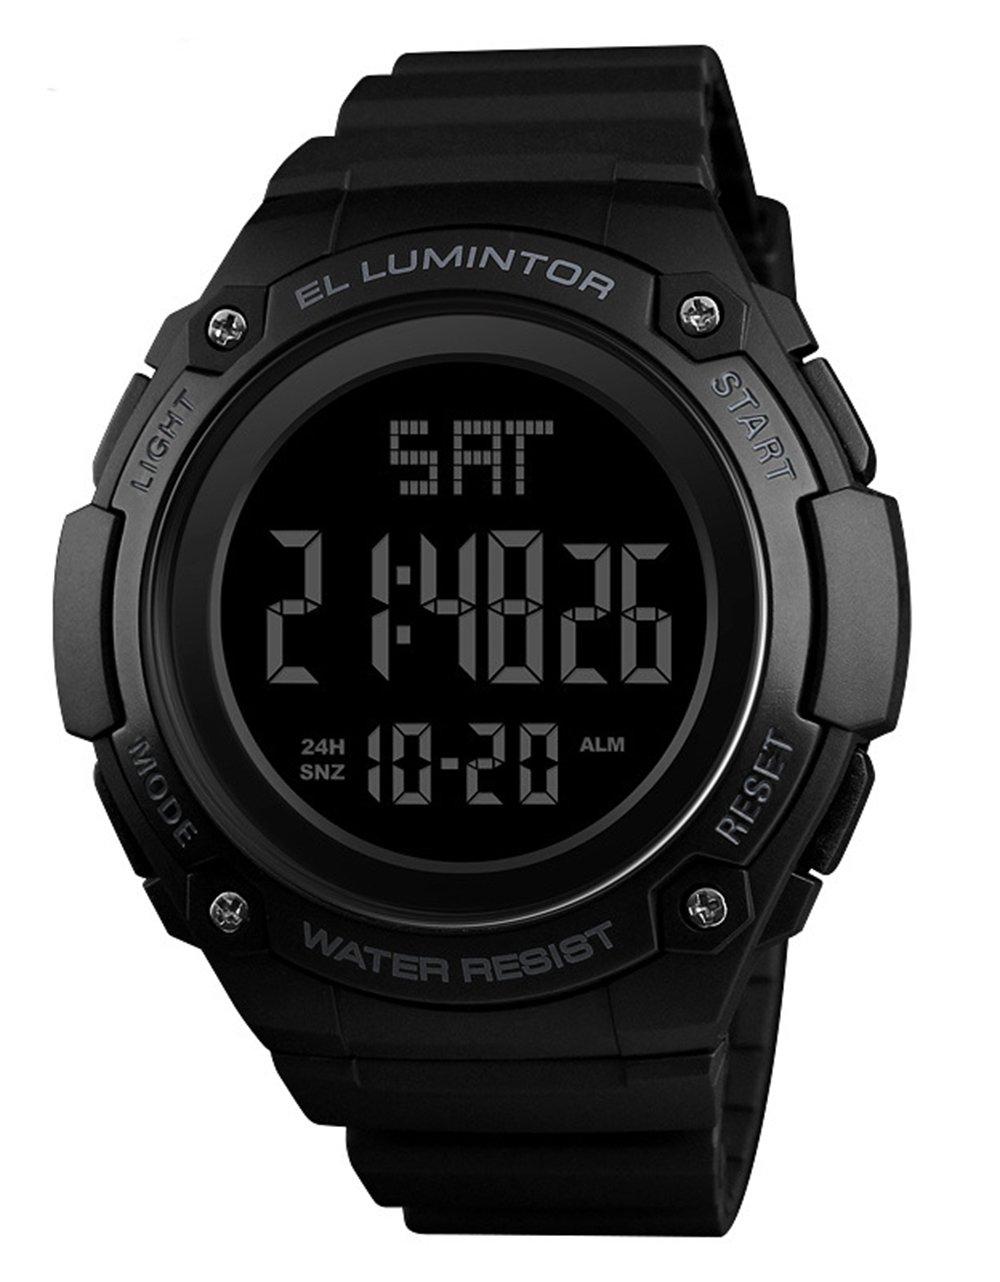 メンズアウトドアスポーツウォッチ高級ブランドメンズLEDデジタル腕時計日付防水時計大きなダイヤルミリタリー腕時計 54mm ブラック B07DKY6D1B ブラック ブラック